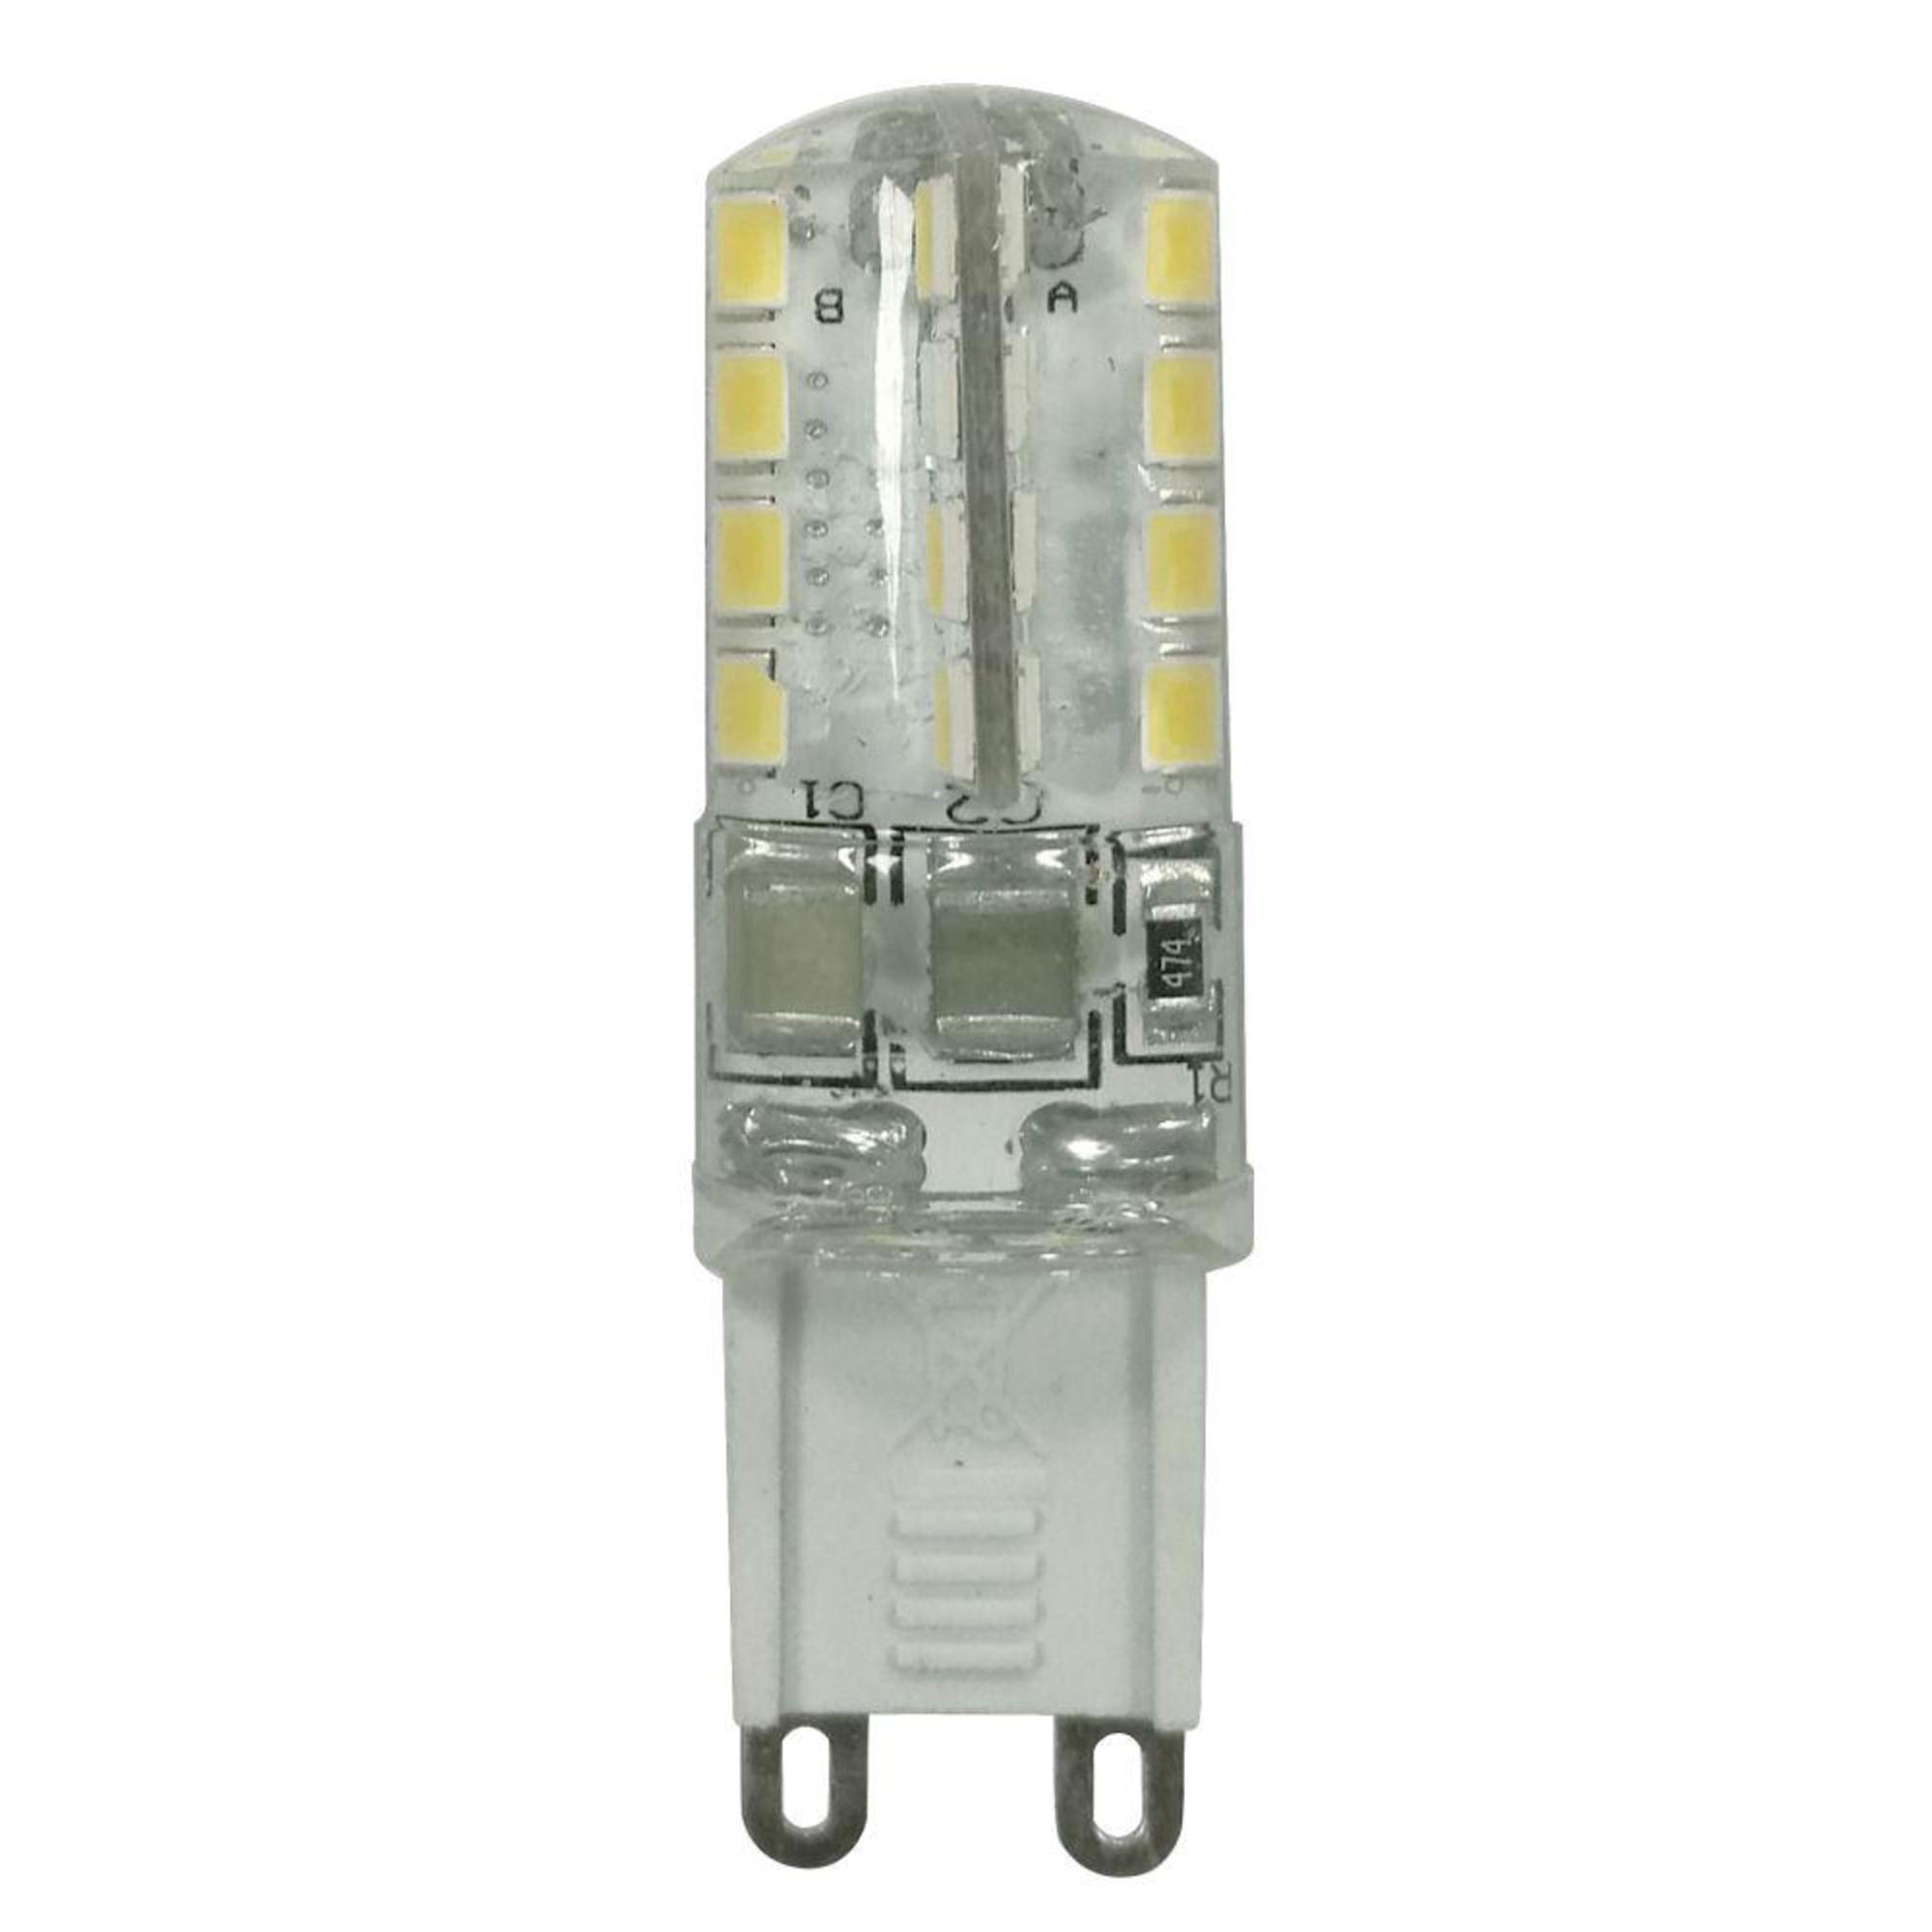 Лампа Ecola стандарт светодионая G9 3 Вт капсула 240 Лм теплый свет